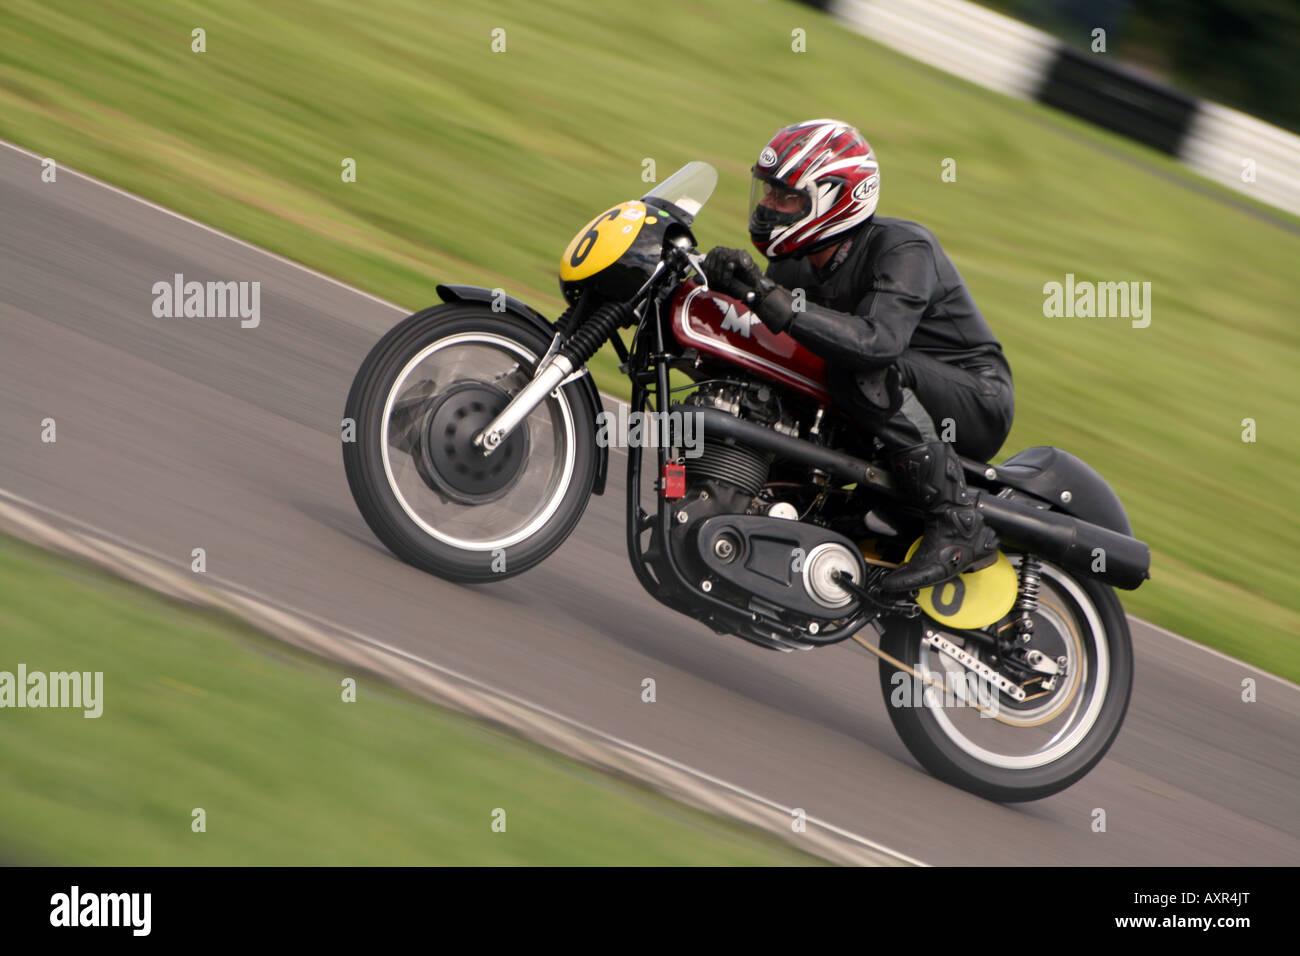 Racing Motorcycle Imágenes De Stock & Racing Motorcycle Fotos De ...